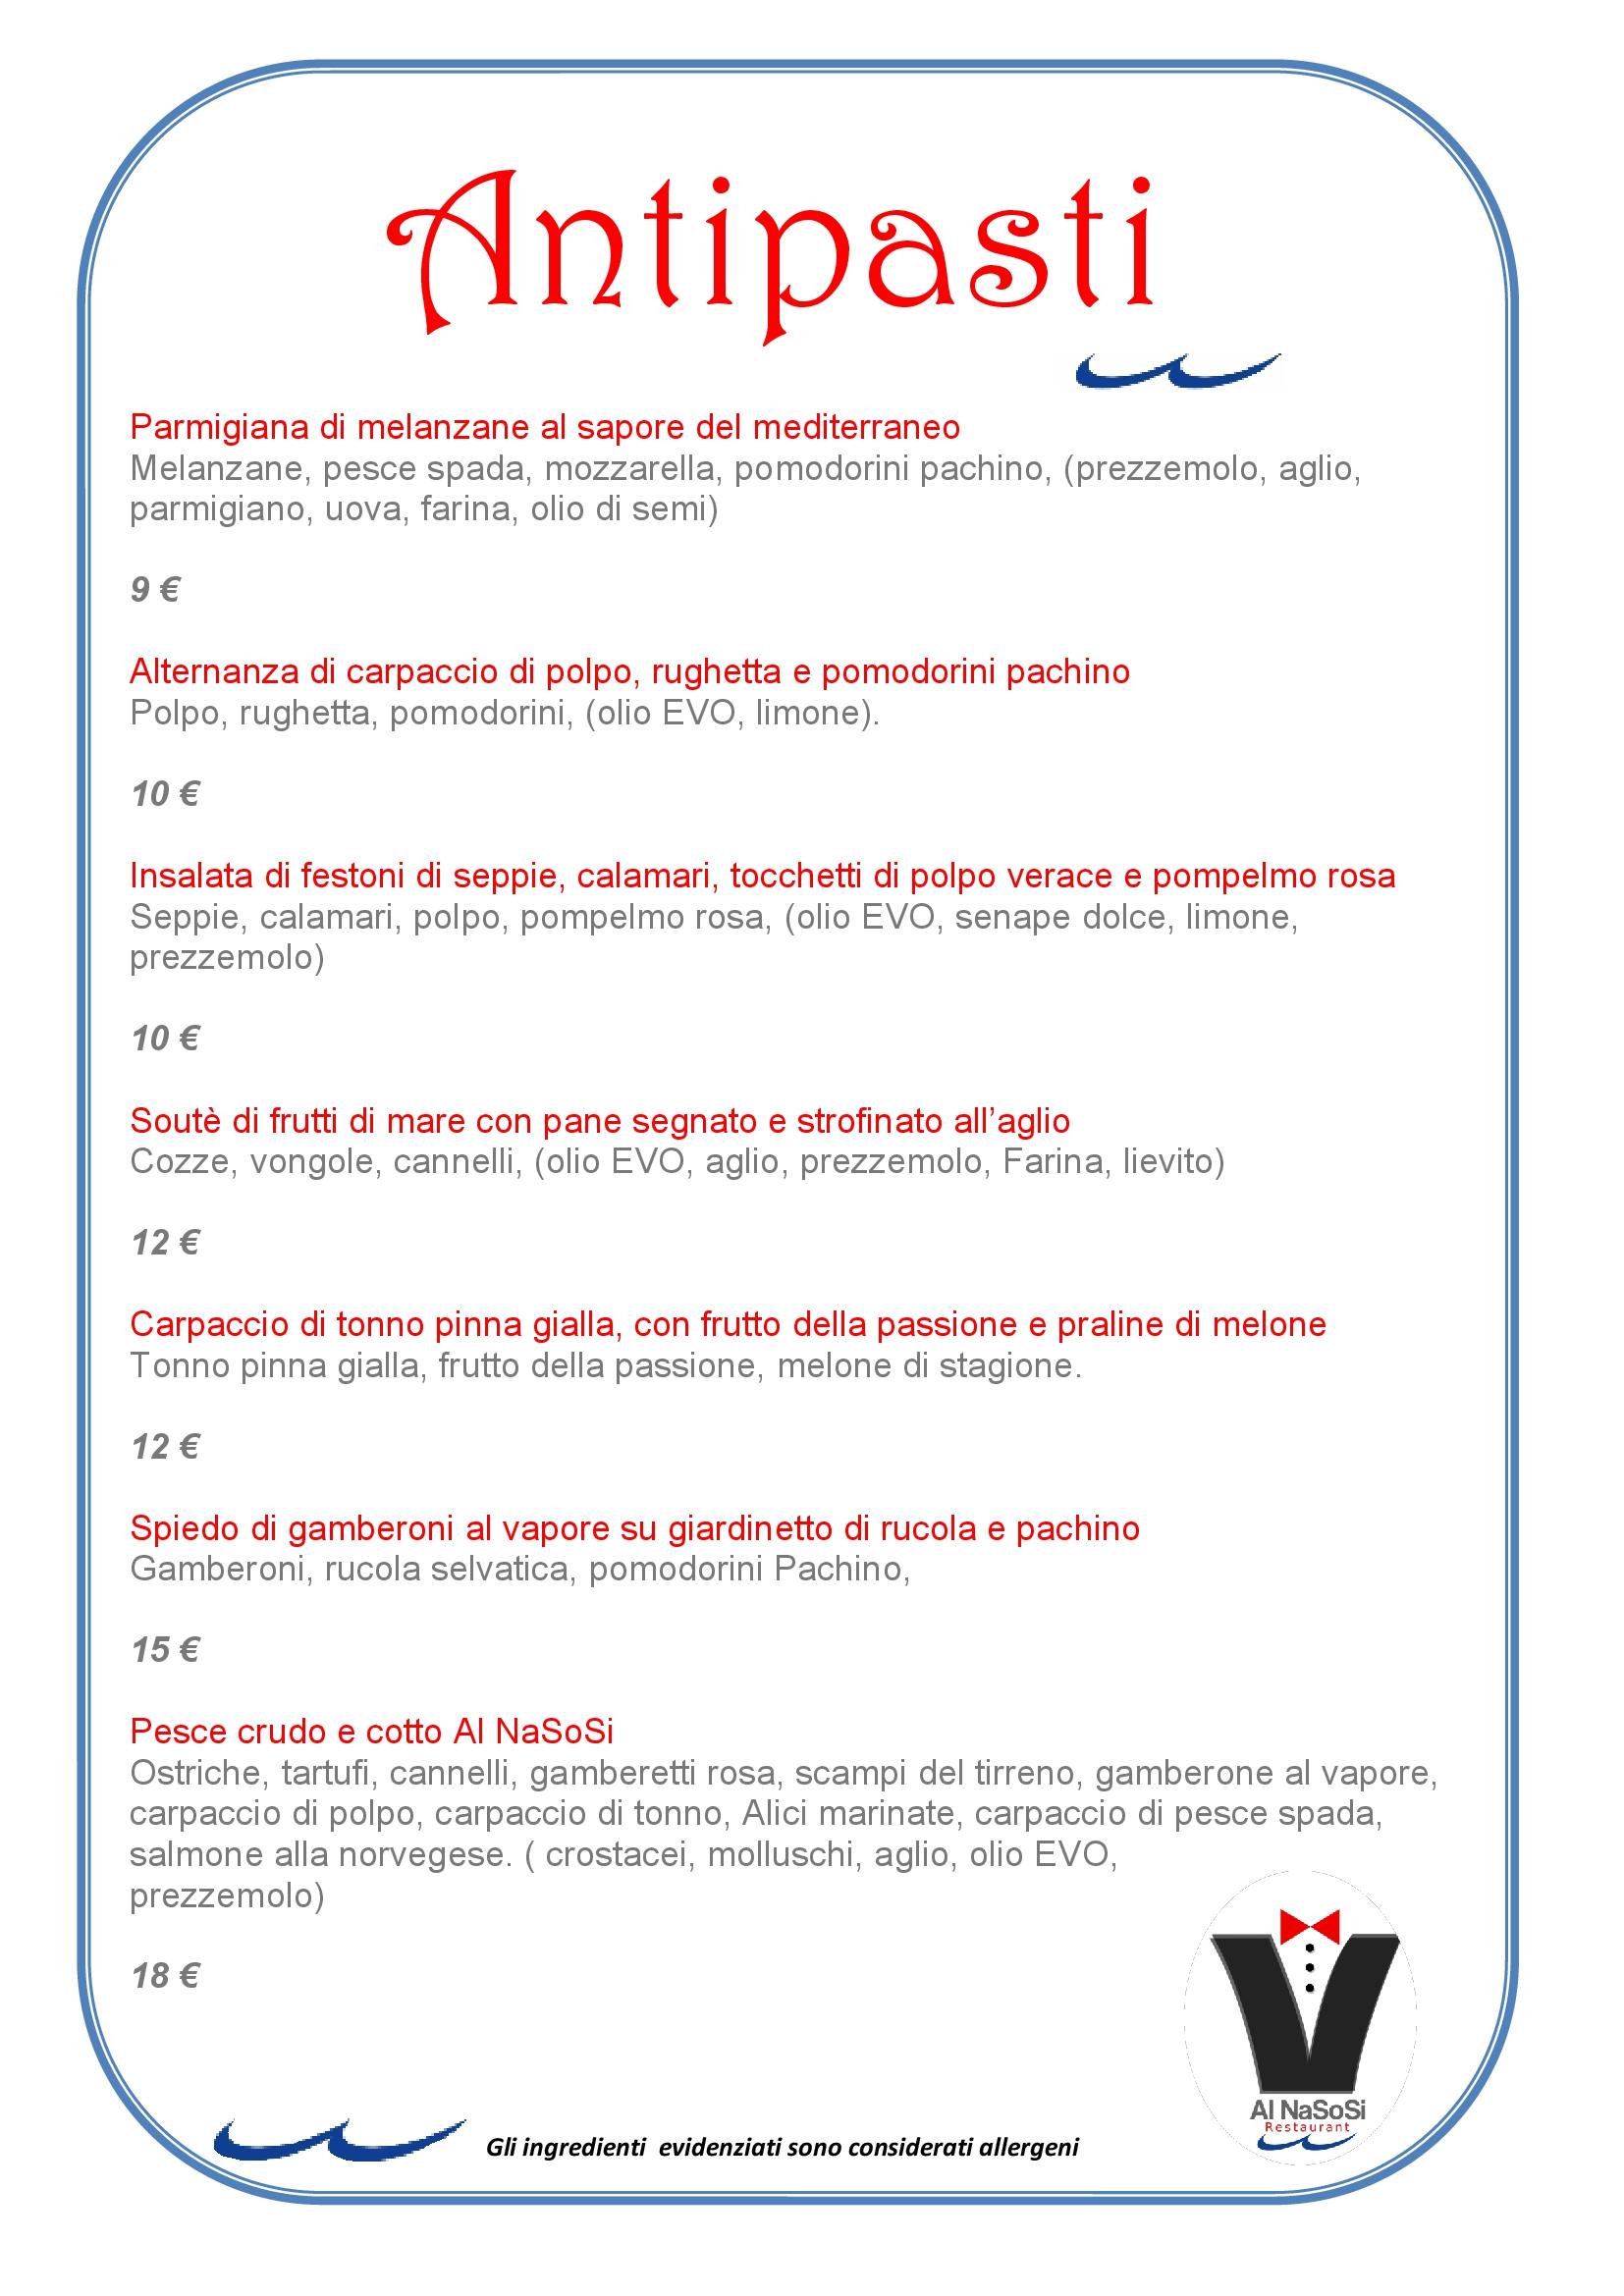 Al NaSoSi Fiumicino menù 1 pagina